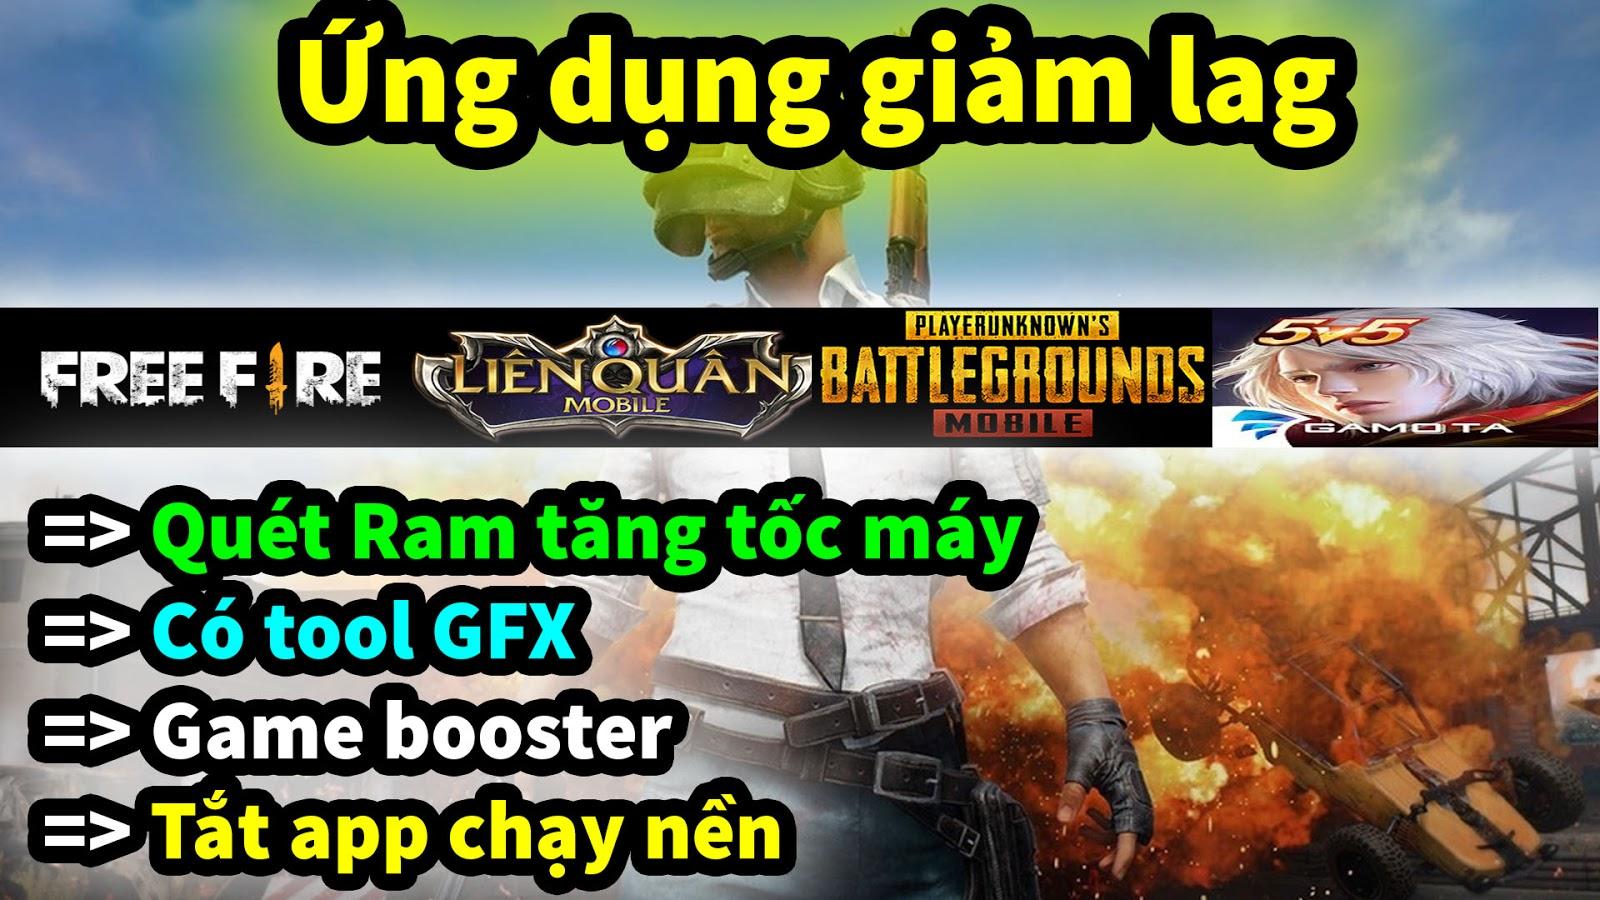 ỨNG DỤNG GIẢM LAG GAME CÓ TOOL GFX FIX LAG PUBG MOBILE, LIÊN